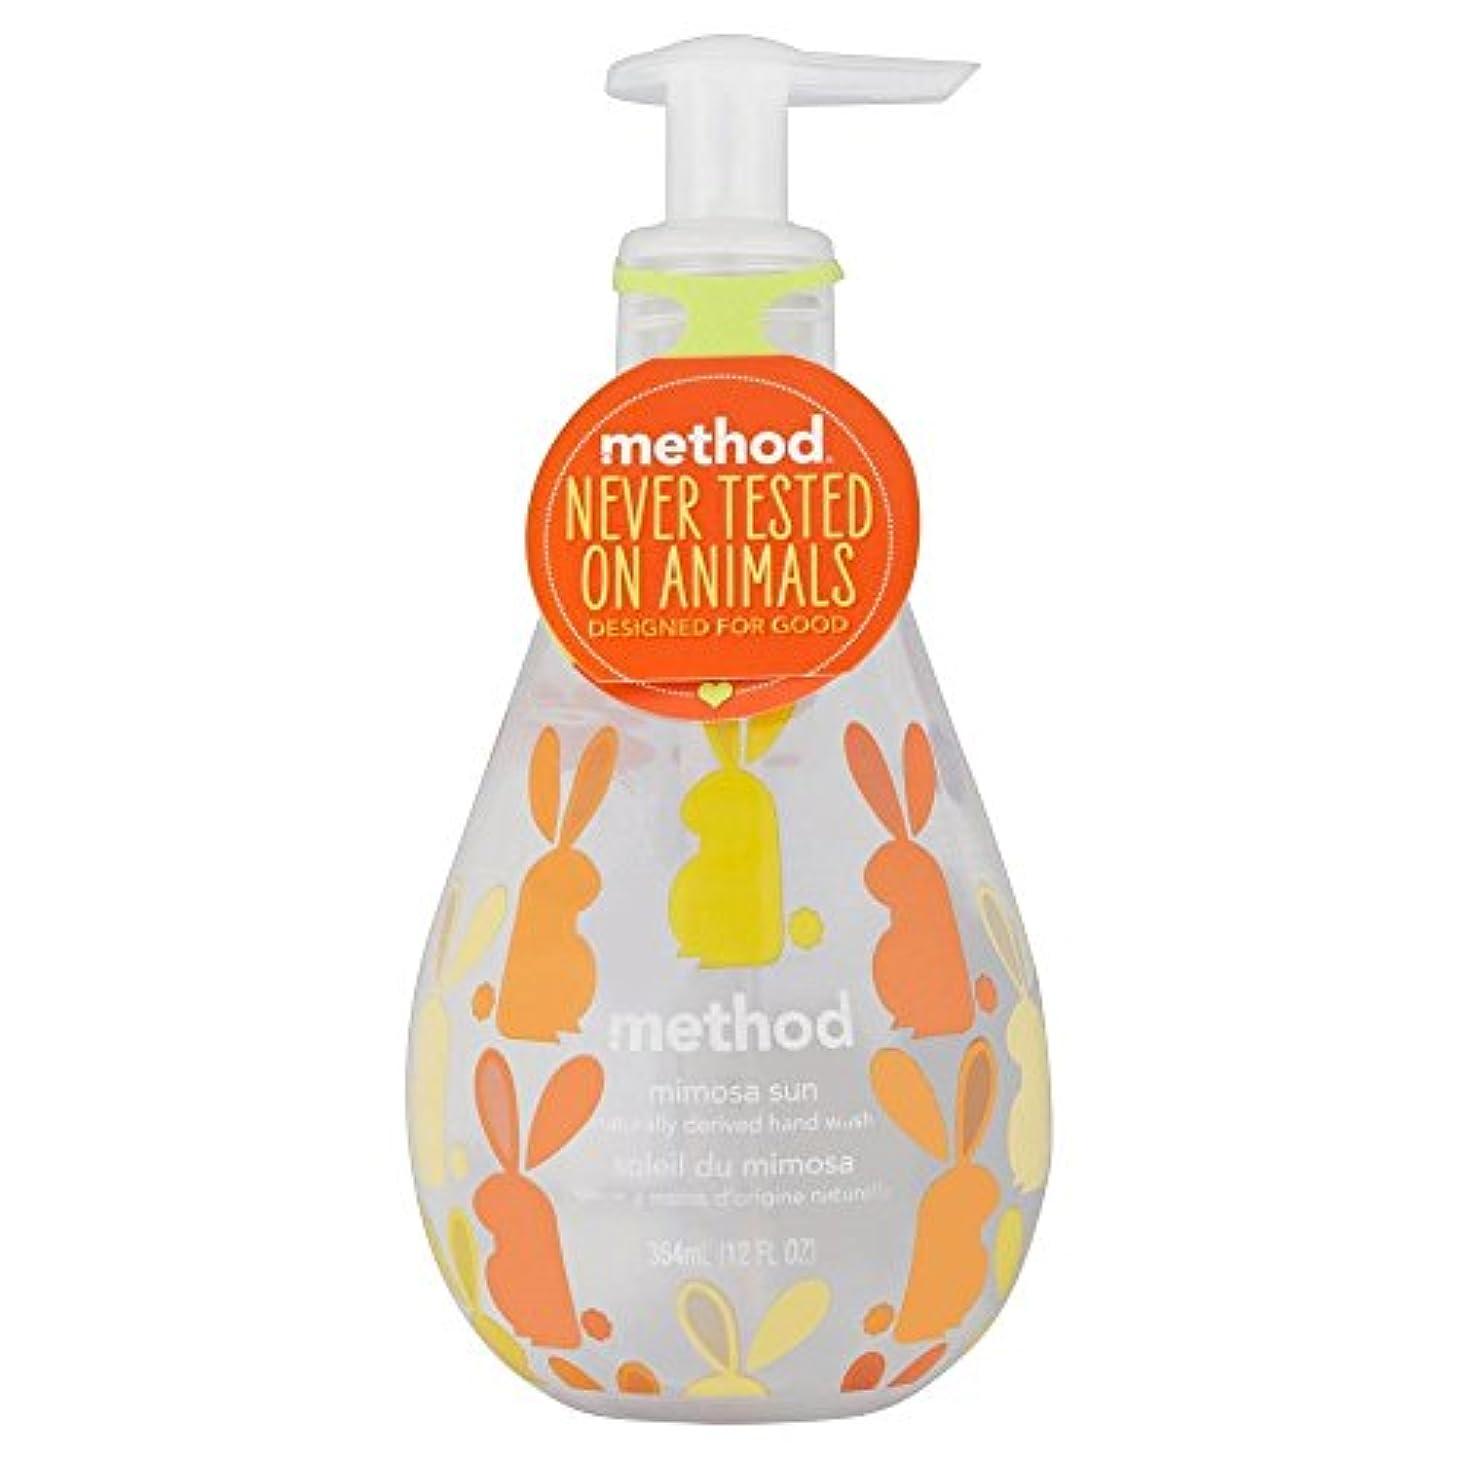 言い訳組み合わせ種Method Hand Wash - Mimosa Sun (354ml) メソッドハンドウォッシュ - ミモザ日( 354ミリリットル) [並行輸入品]